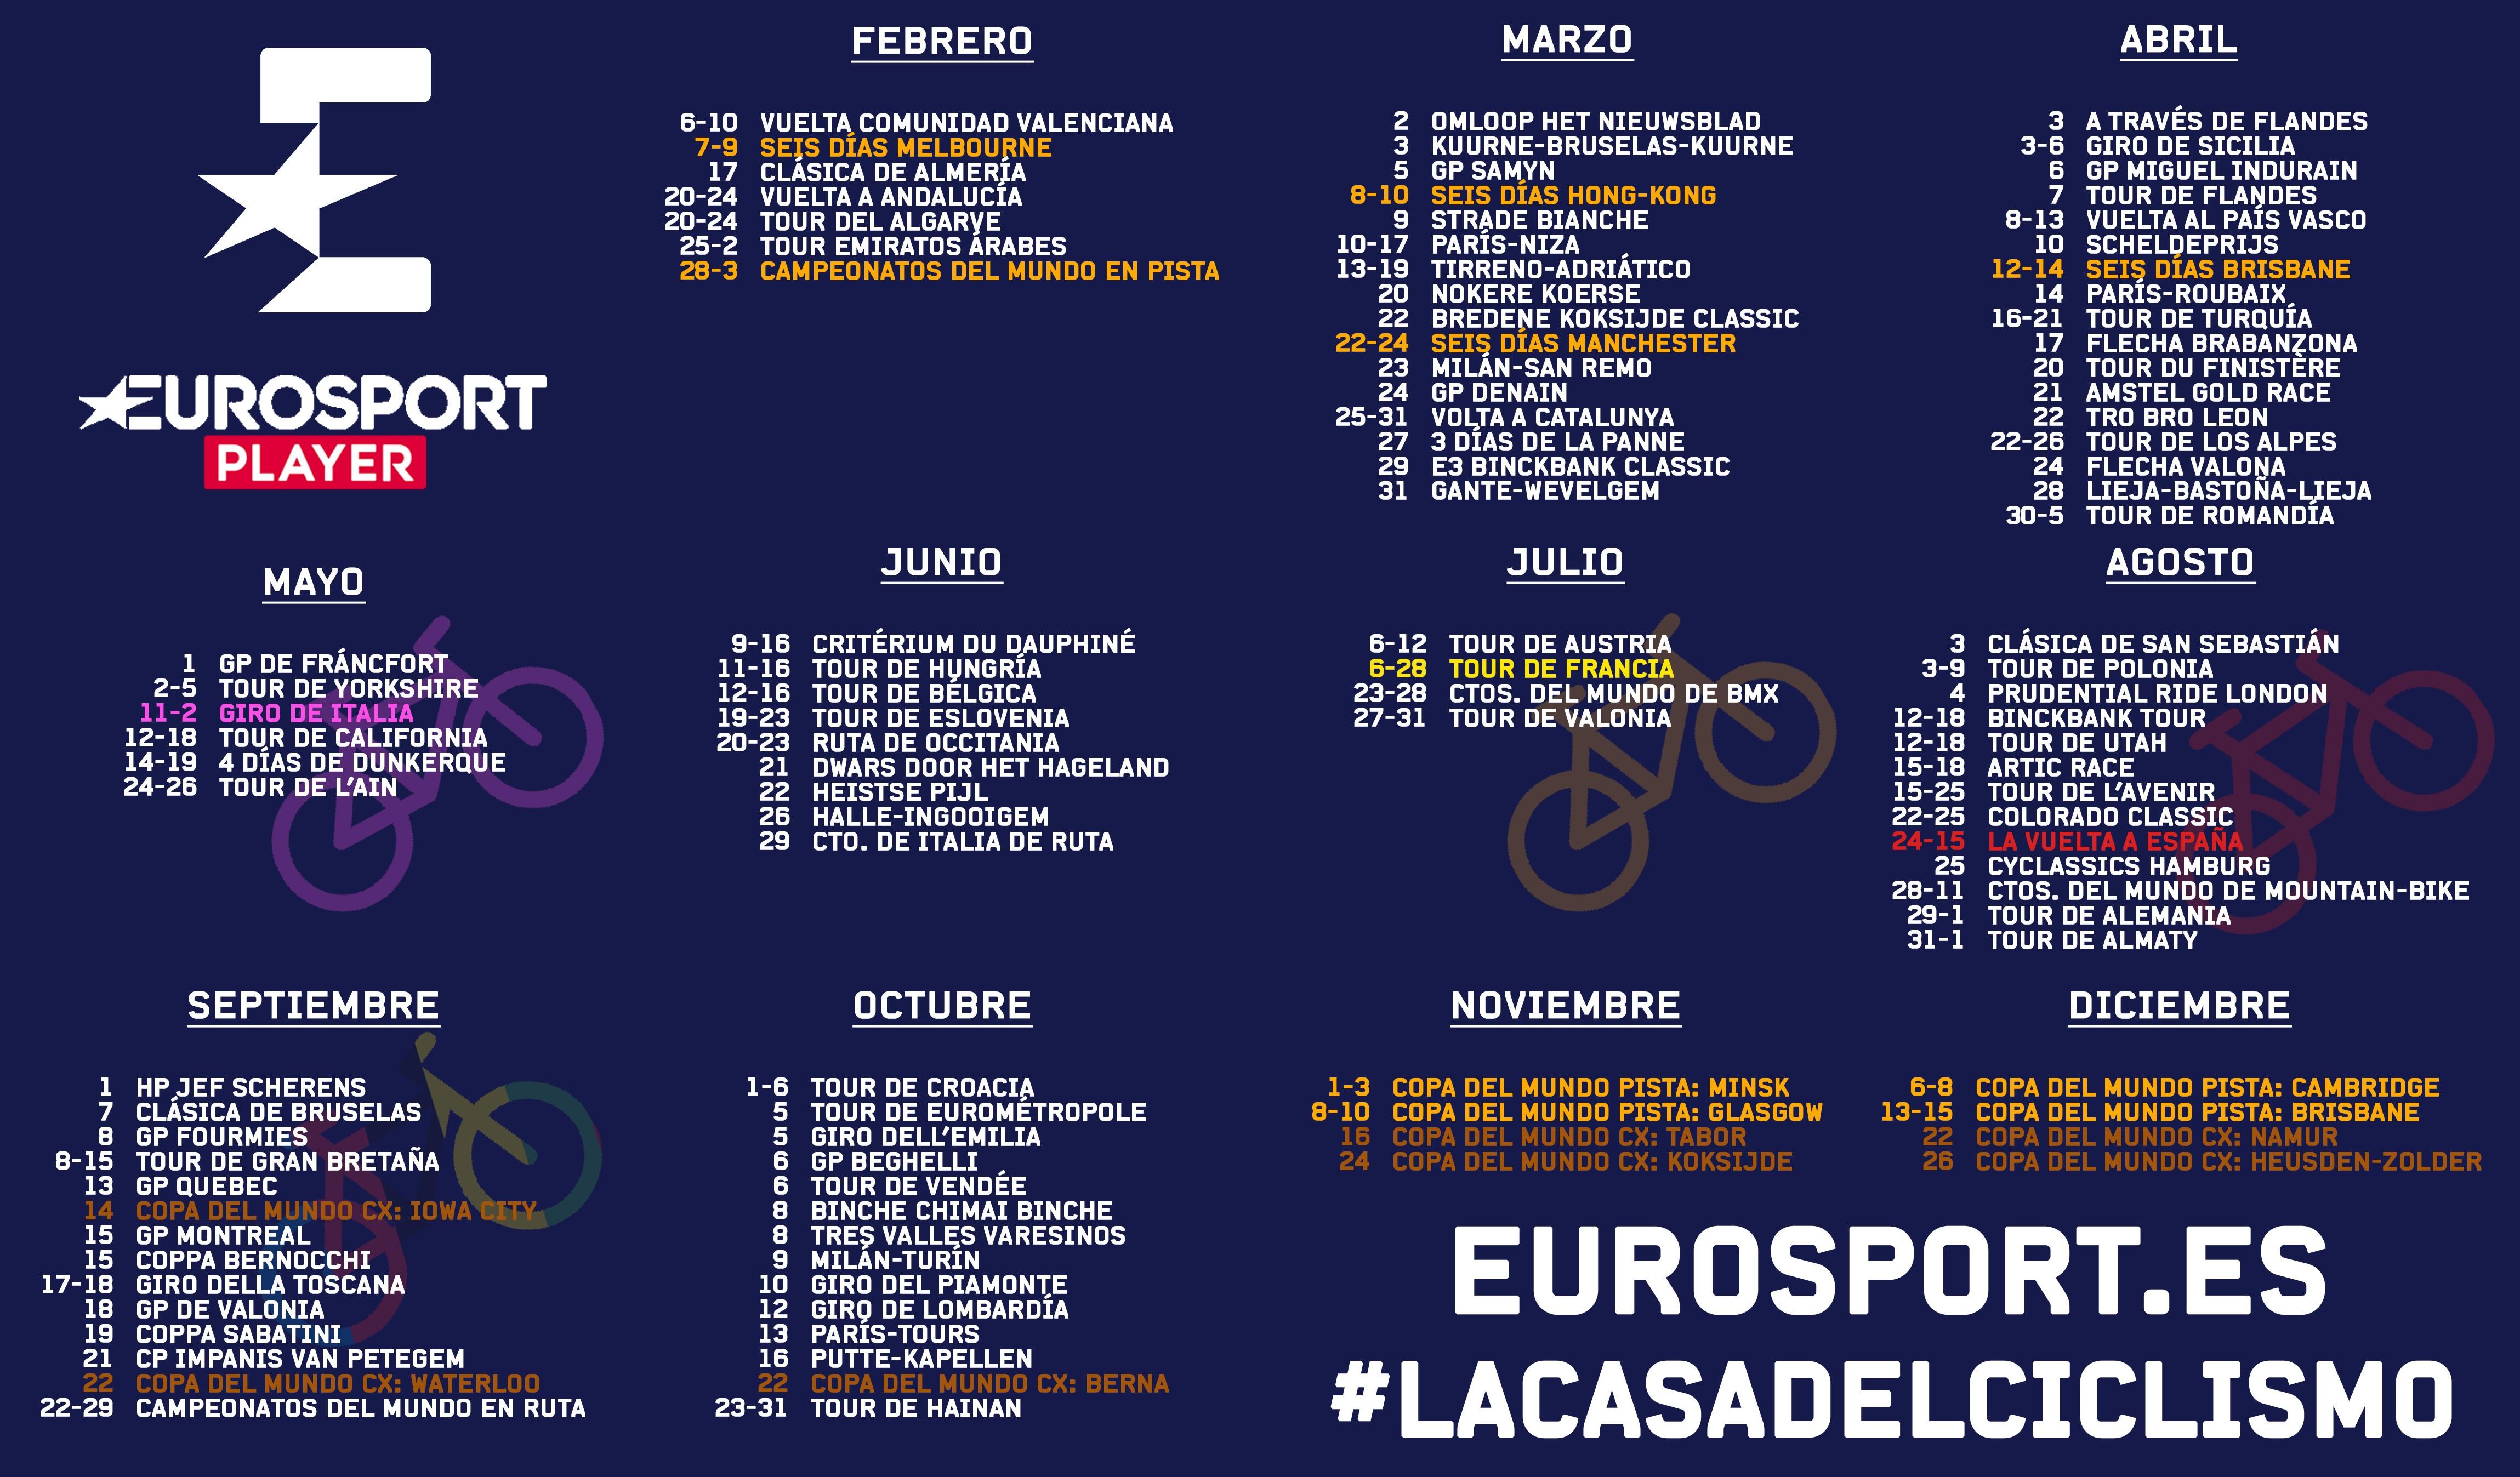 Andalucia Ciclismo Calendario.Consulta Y Descargate El Calendario Completo De La Temporada